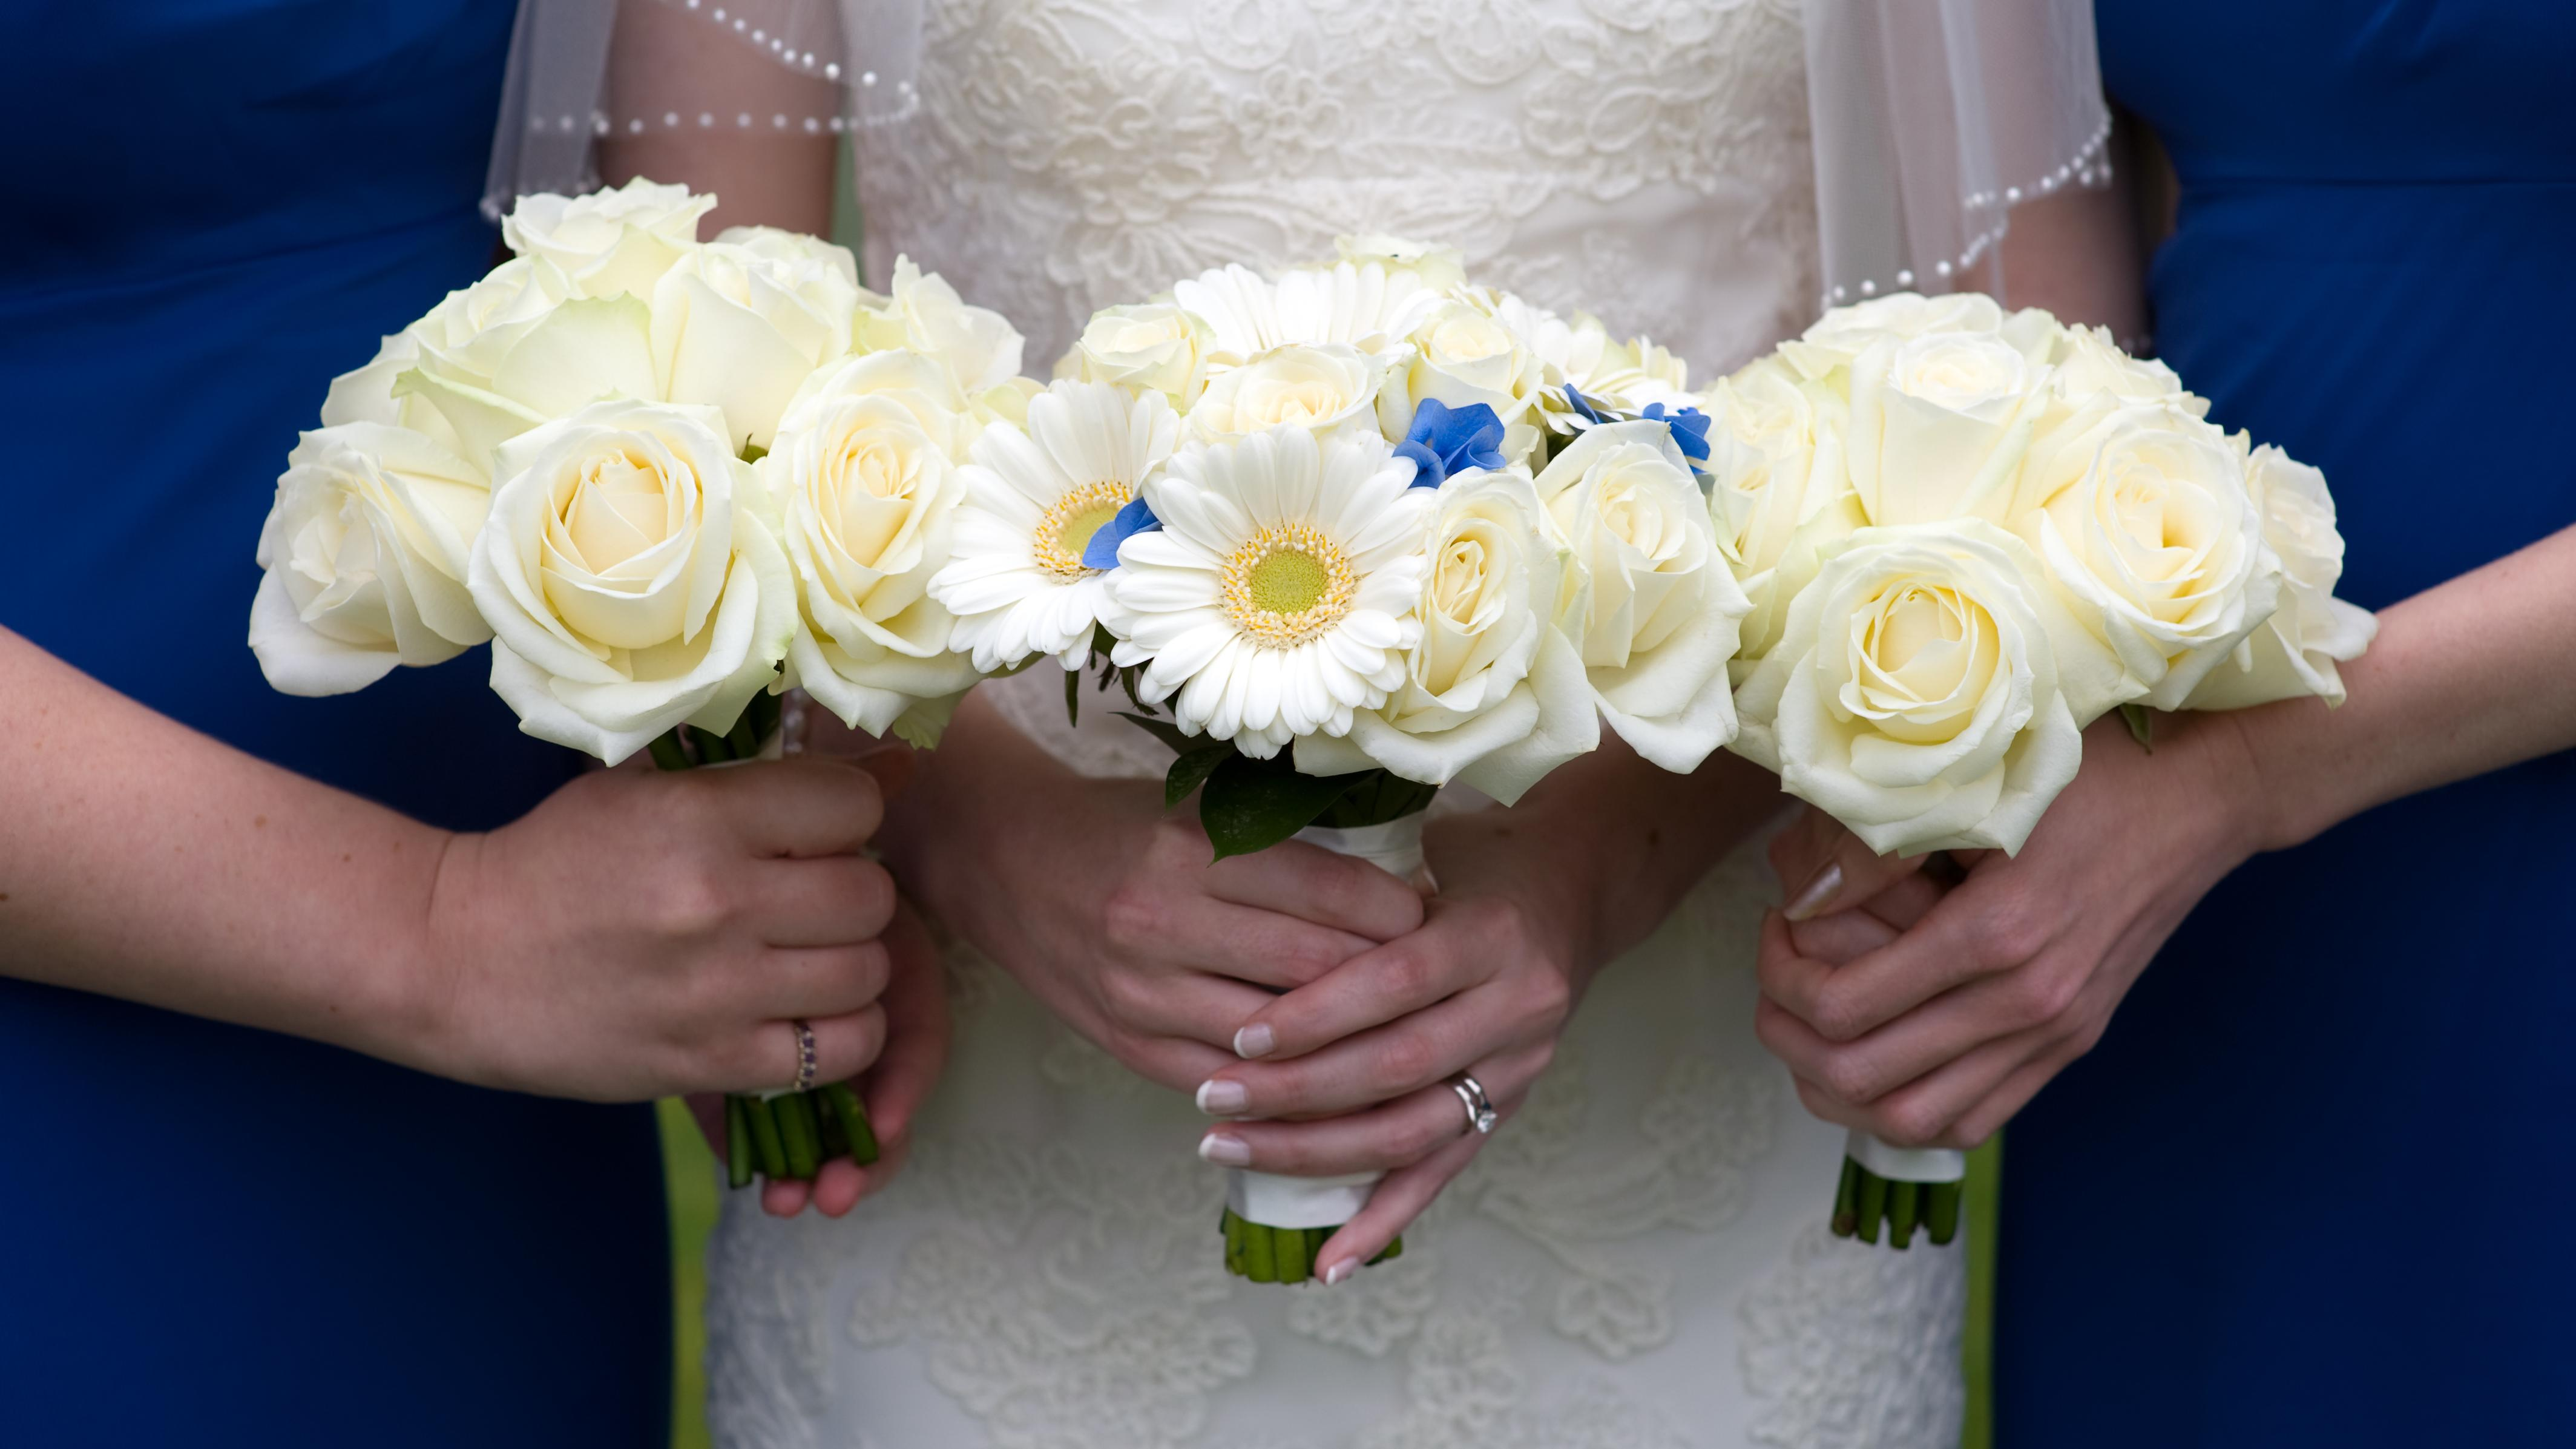 Etwas Blaues für die Braut: 7 Kreative Ideen zum Hochzeitstag